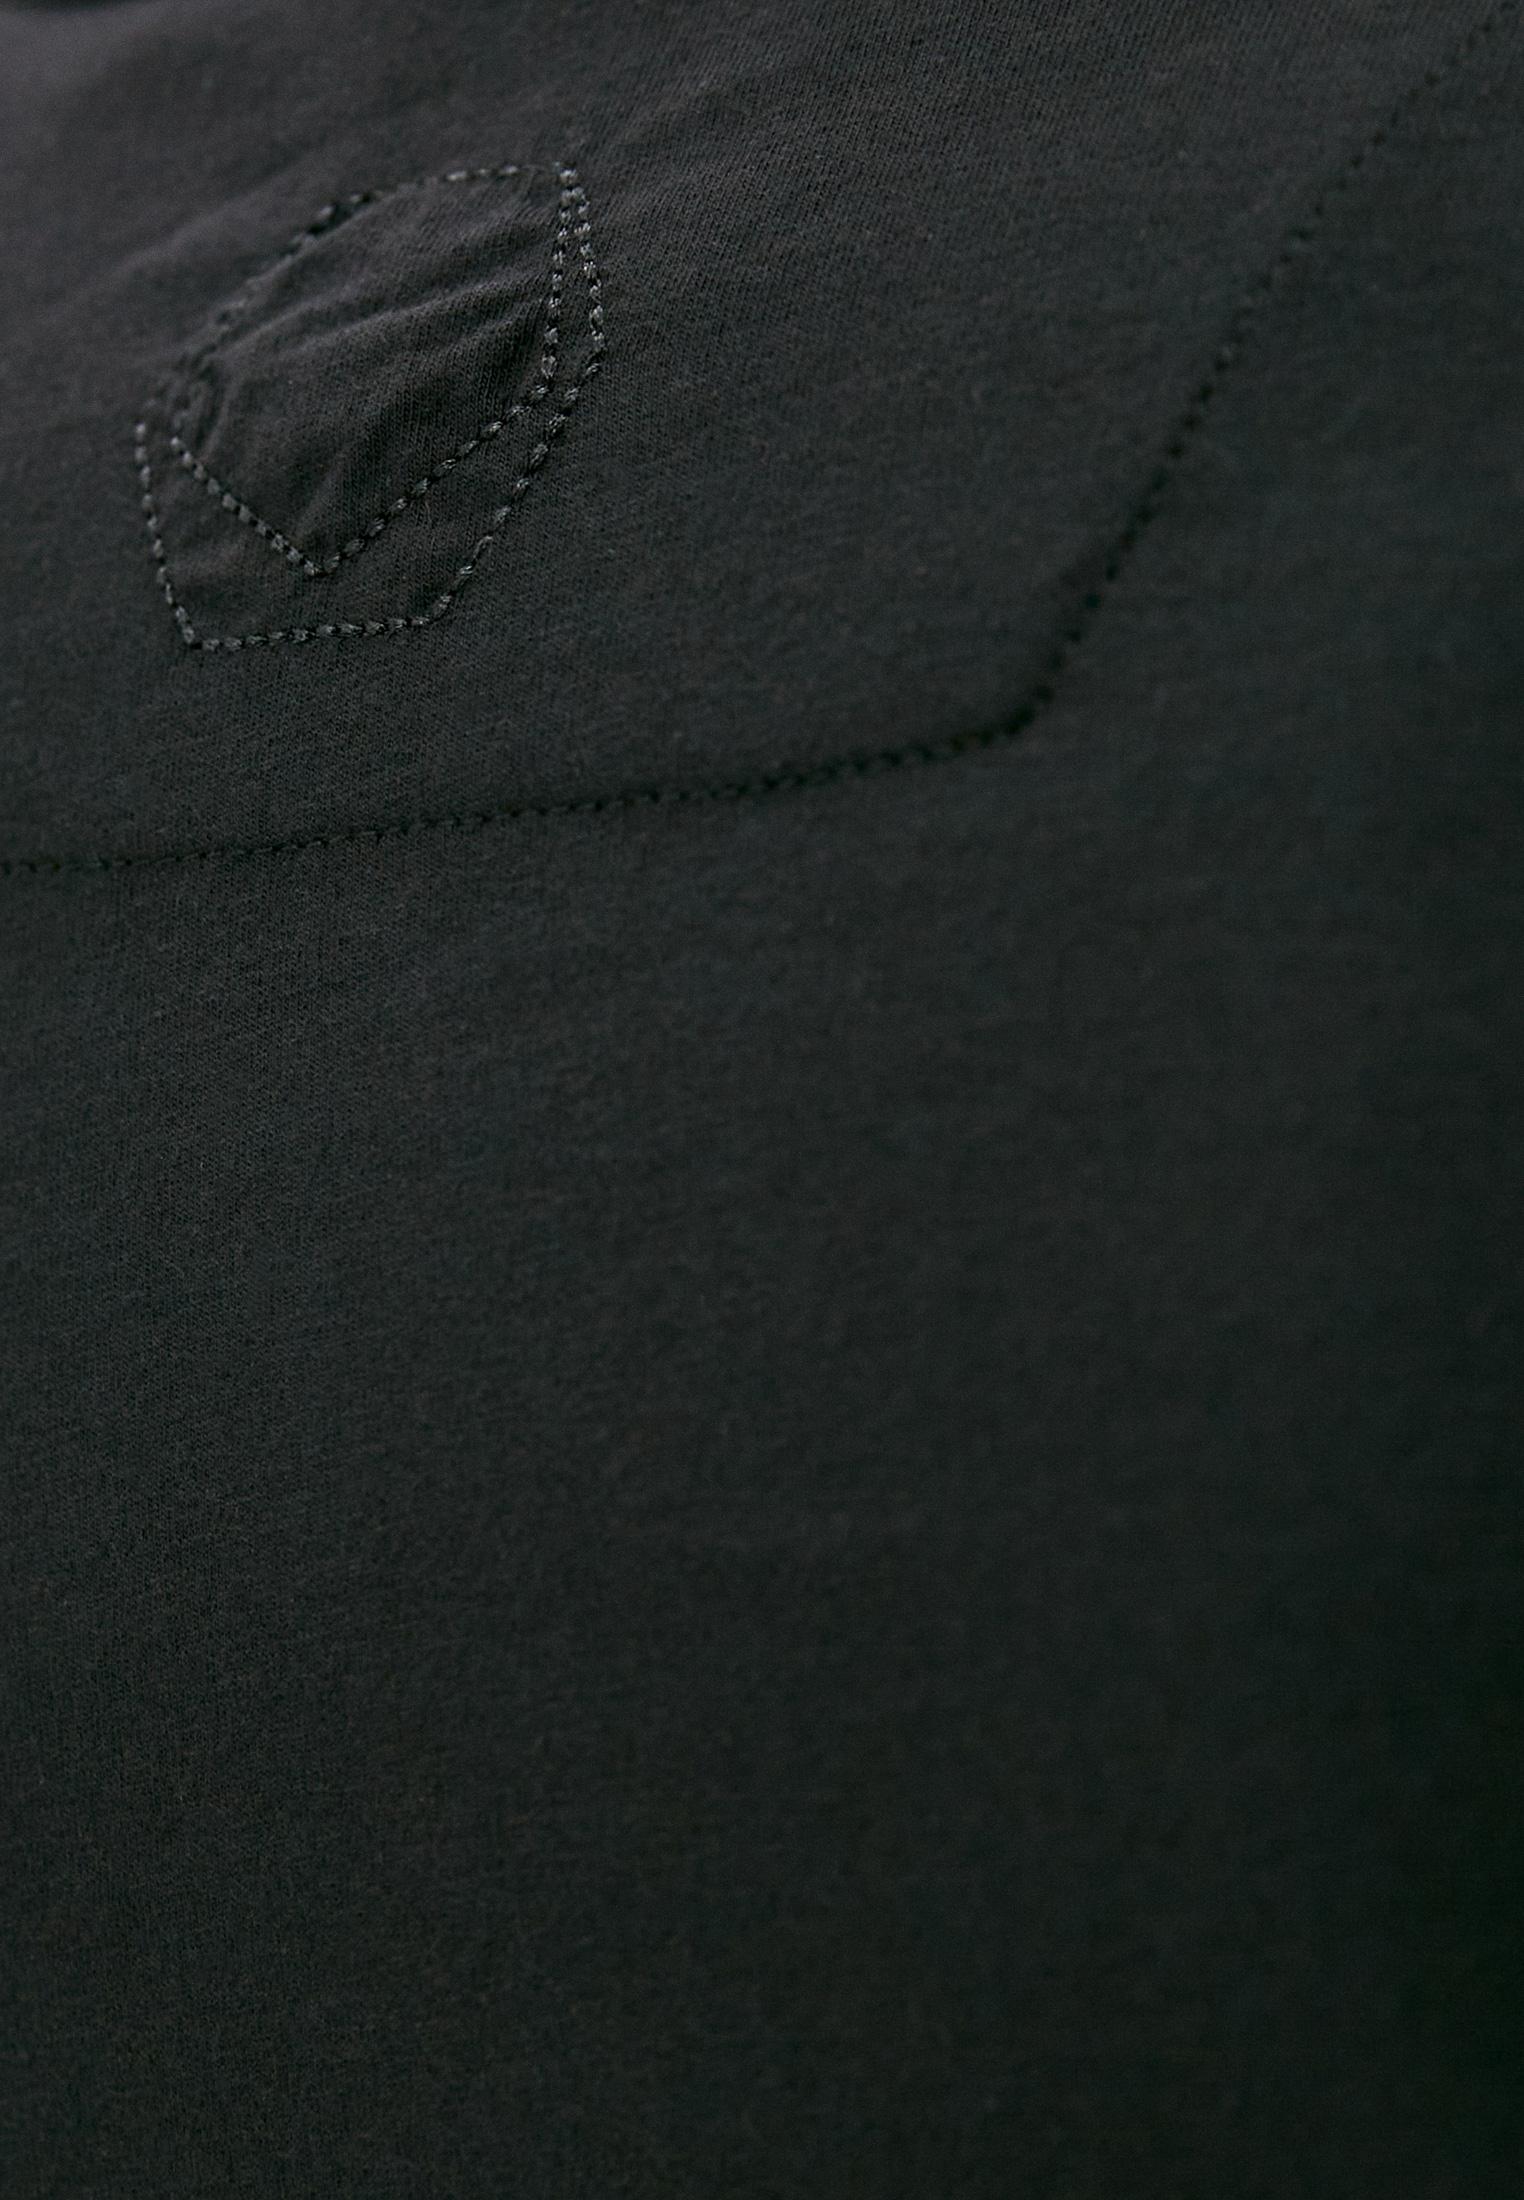 Мужская футболка Bikkembergs (Биккембергс) C 4 101 07 E 2231: изображение 5